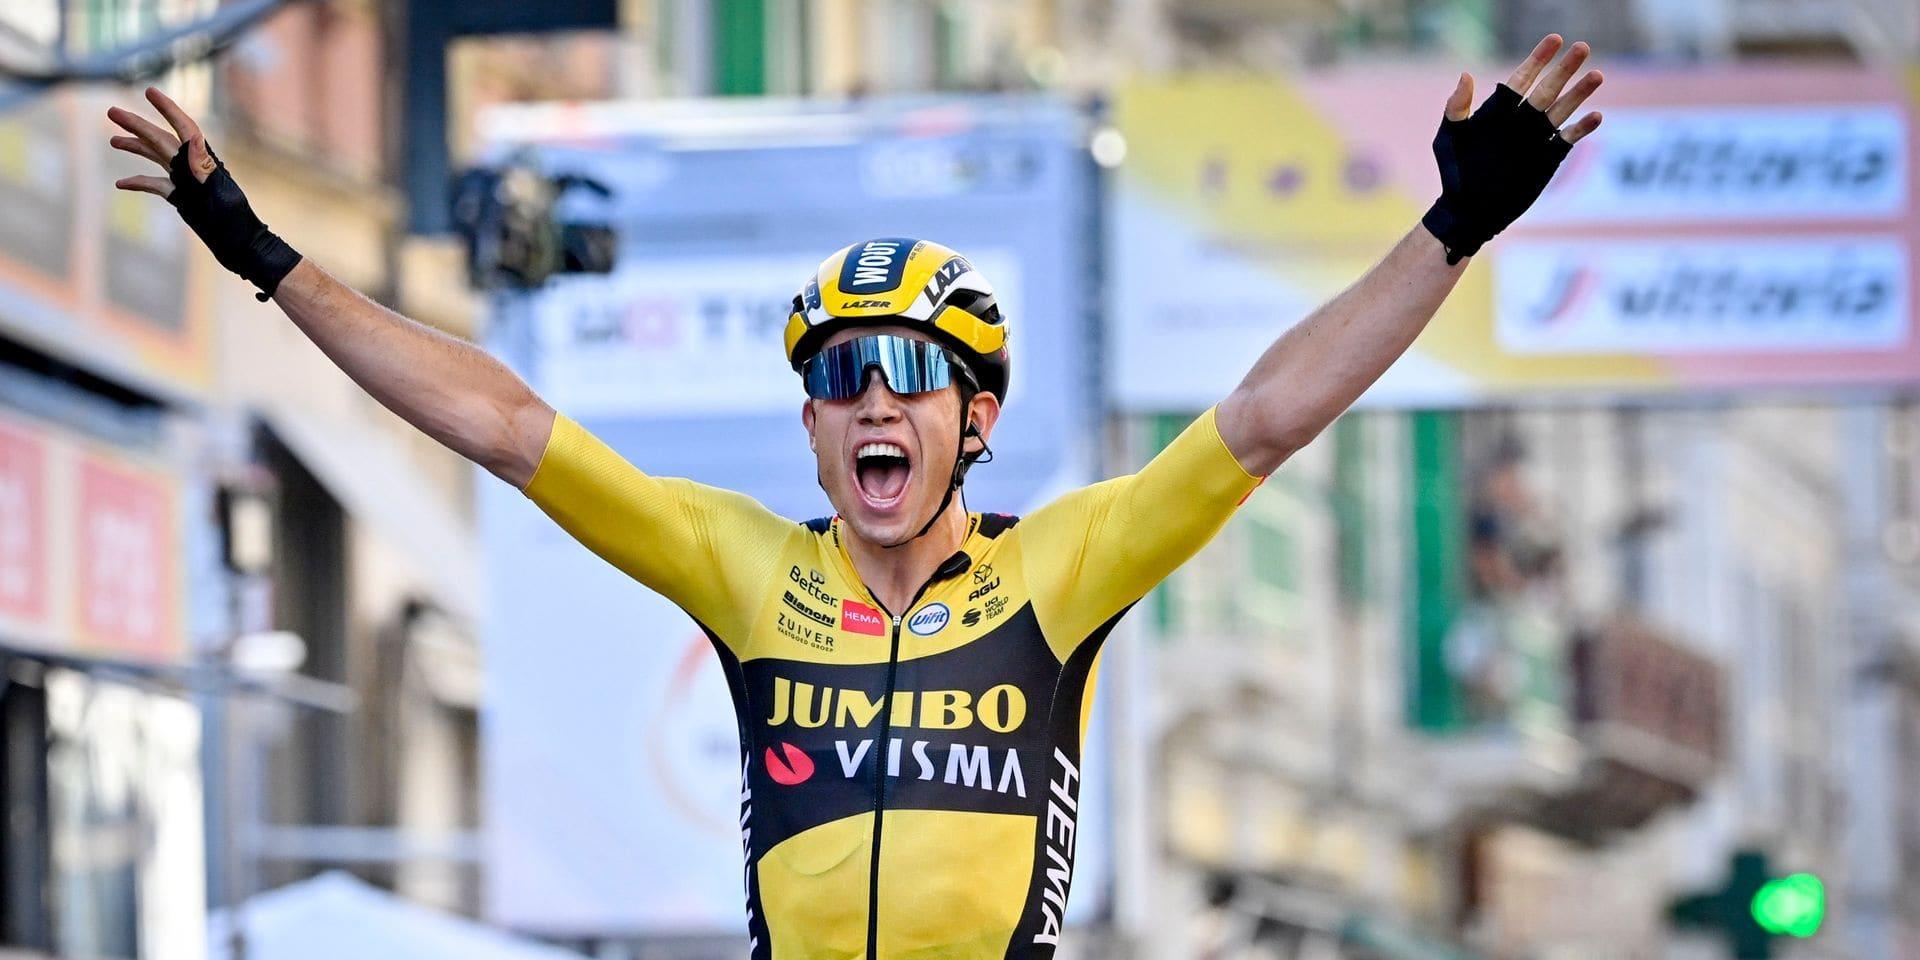 Le sujet que vous avez choisi: Wout Van Aert est-il le coureur de l'année ?